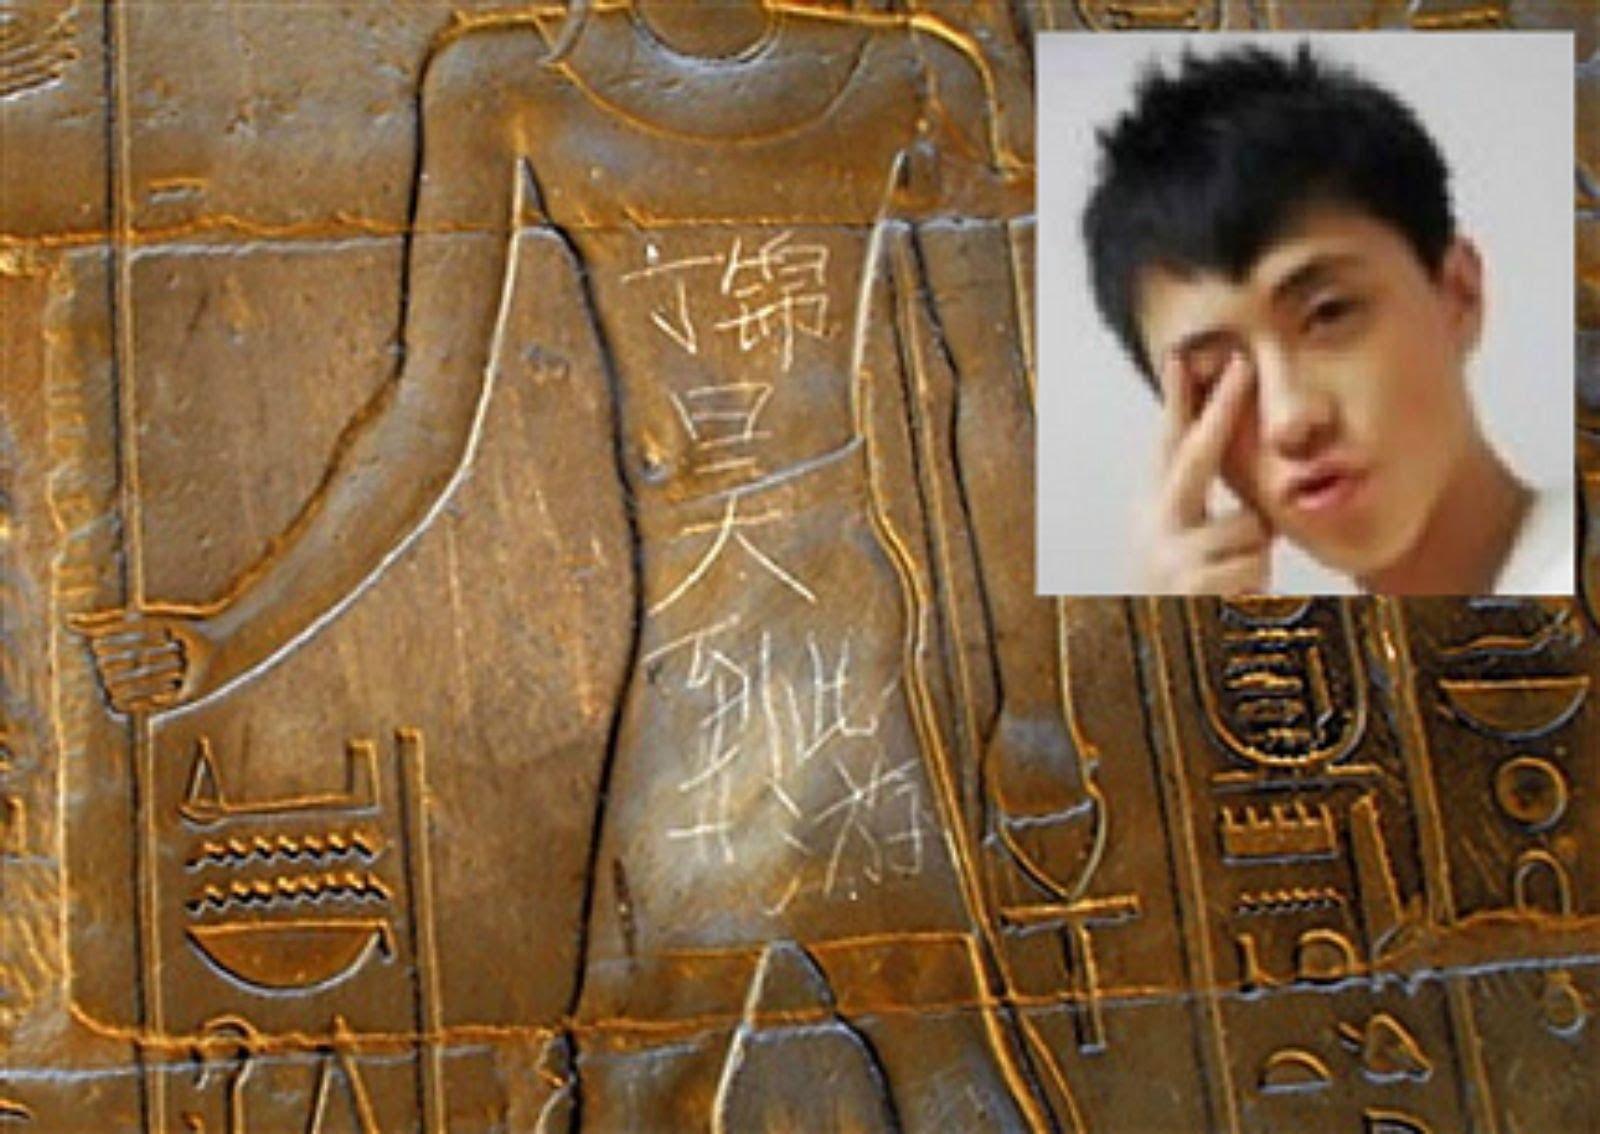 中国人在埃及的古代地方写掉了名字